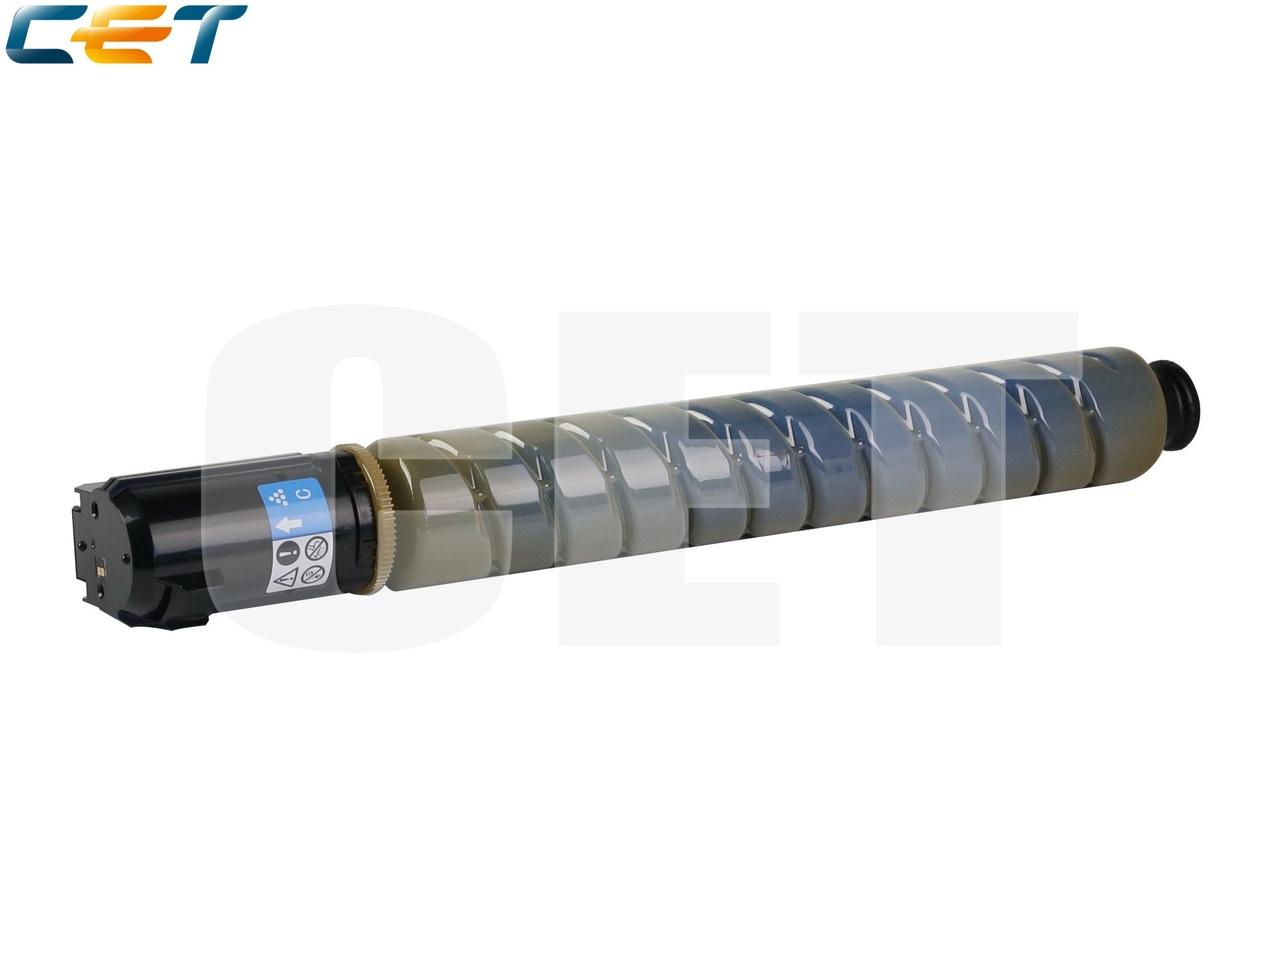 Тонер-картридж (пустой) C-EXV49 для CANON iR ADVANCEC3325i/3330i/3320 (CET) CMY, CET521007